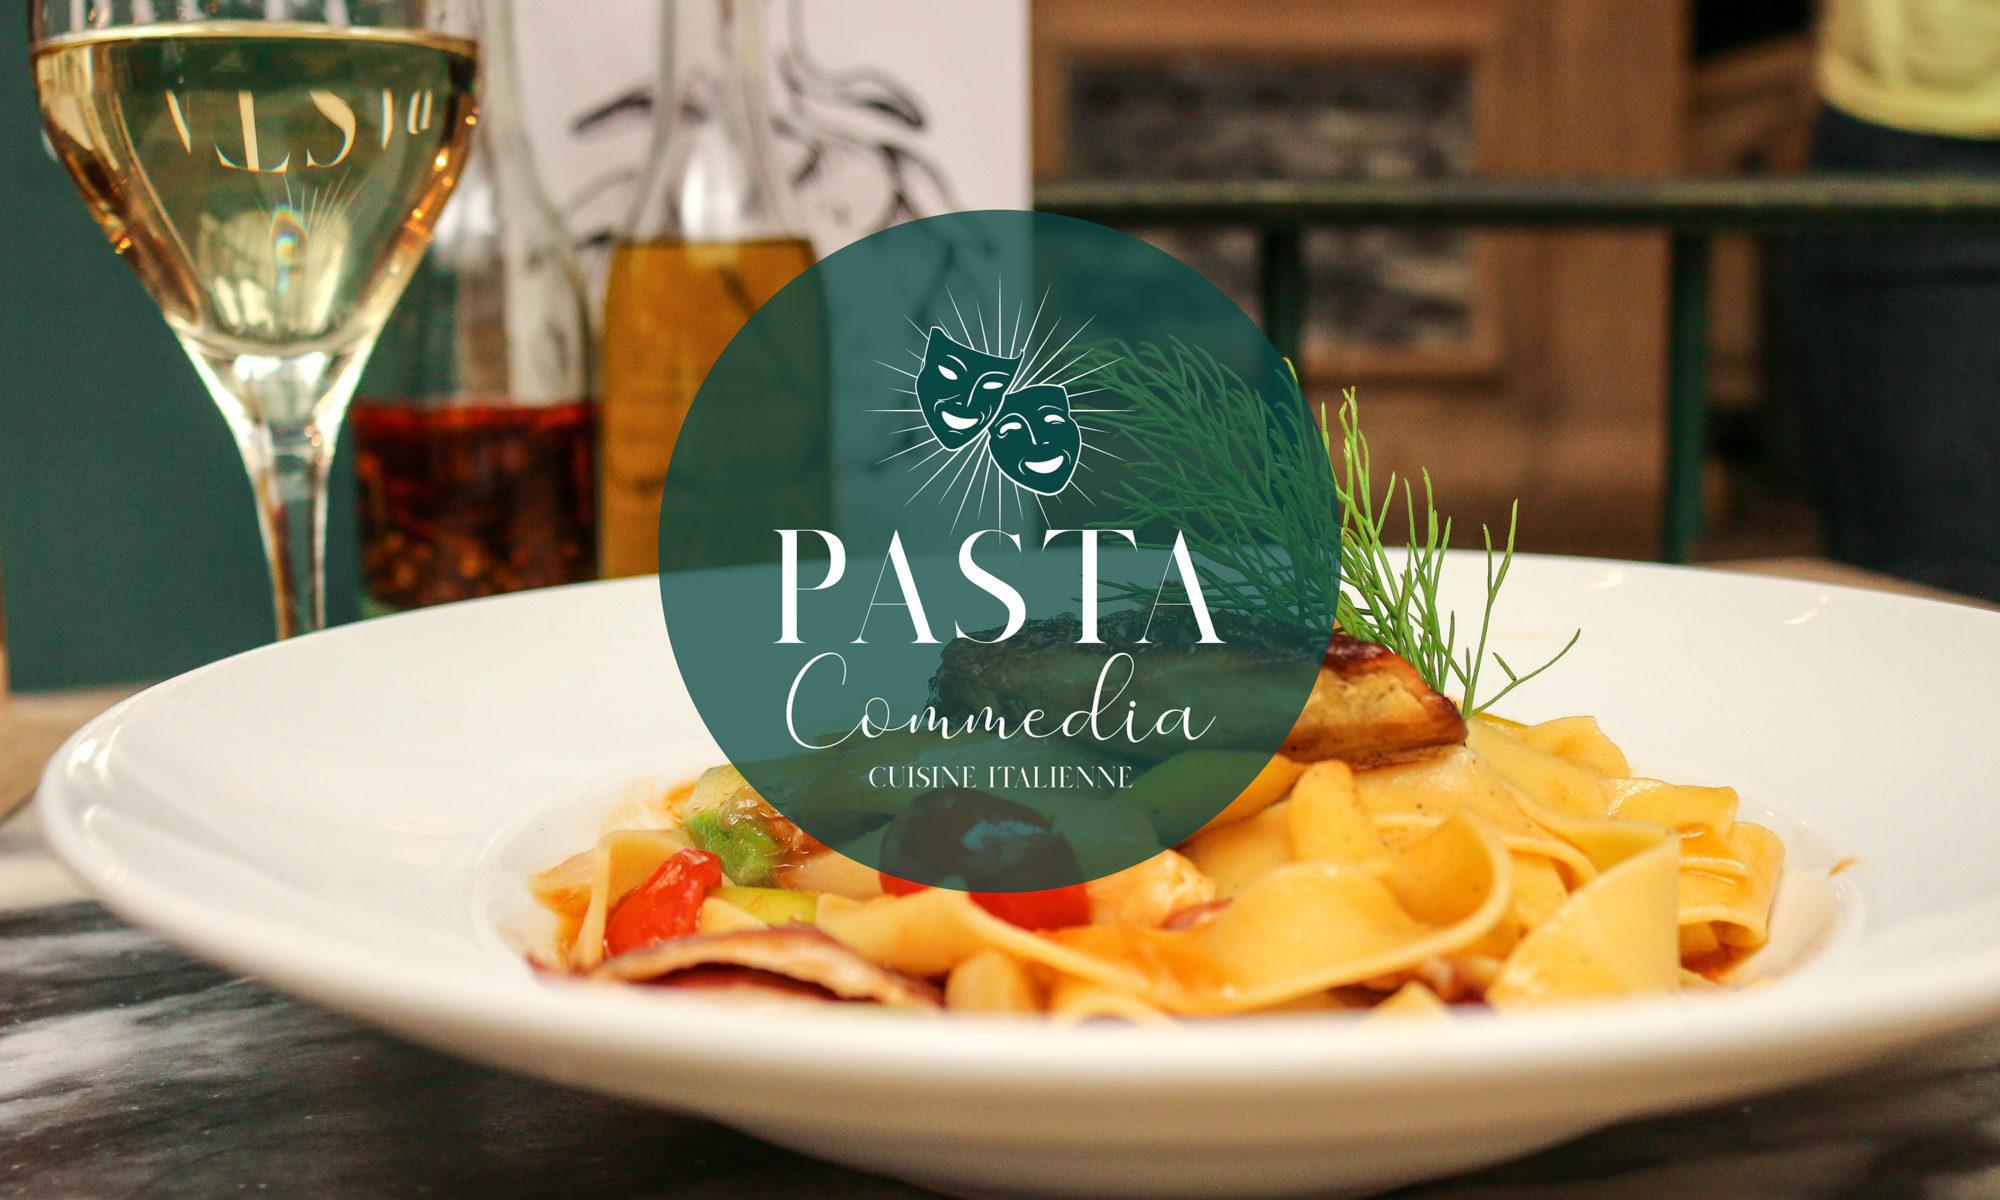 Pasta Commedia